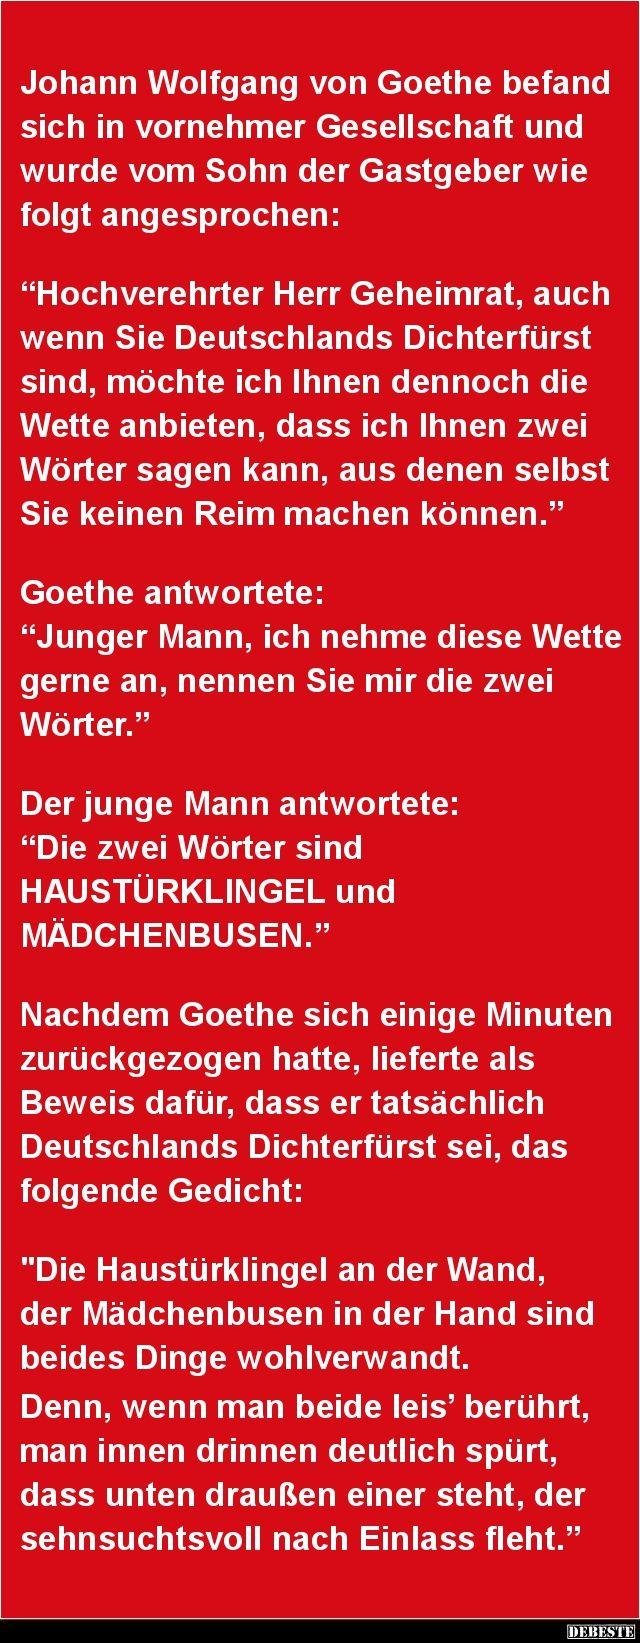 Johann Wolfgang von Goethe befand sich in vornehmer.. | Lustige Bilder, Sprüche, Witze, echt lustig